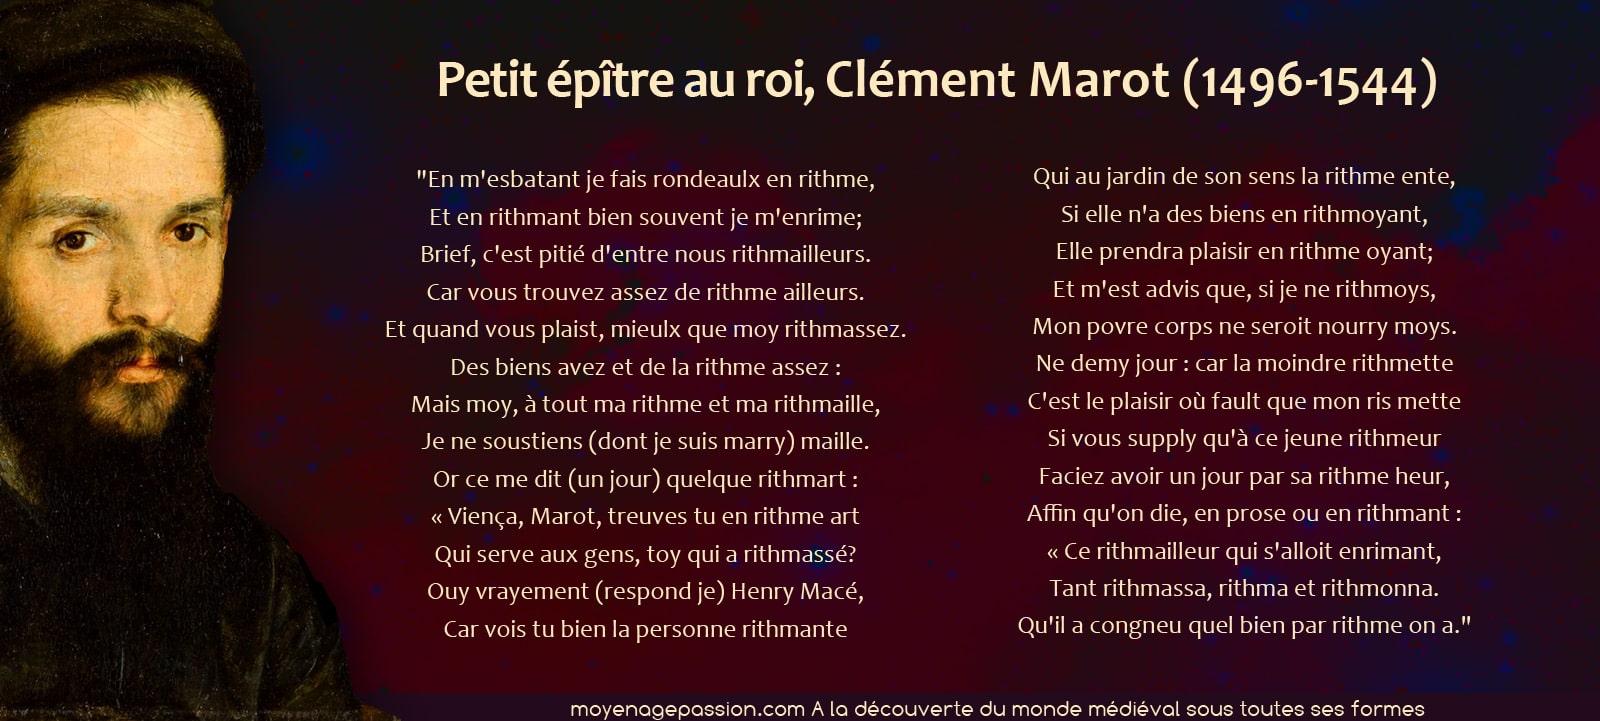 clement_marot_cahors_poesie_medievale_epitre_au_roi_moyen-age_tardif_renaissance